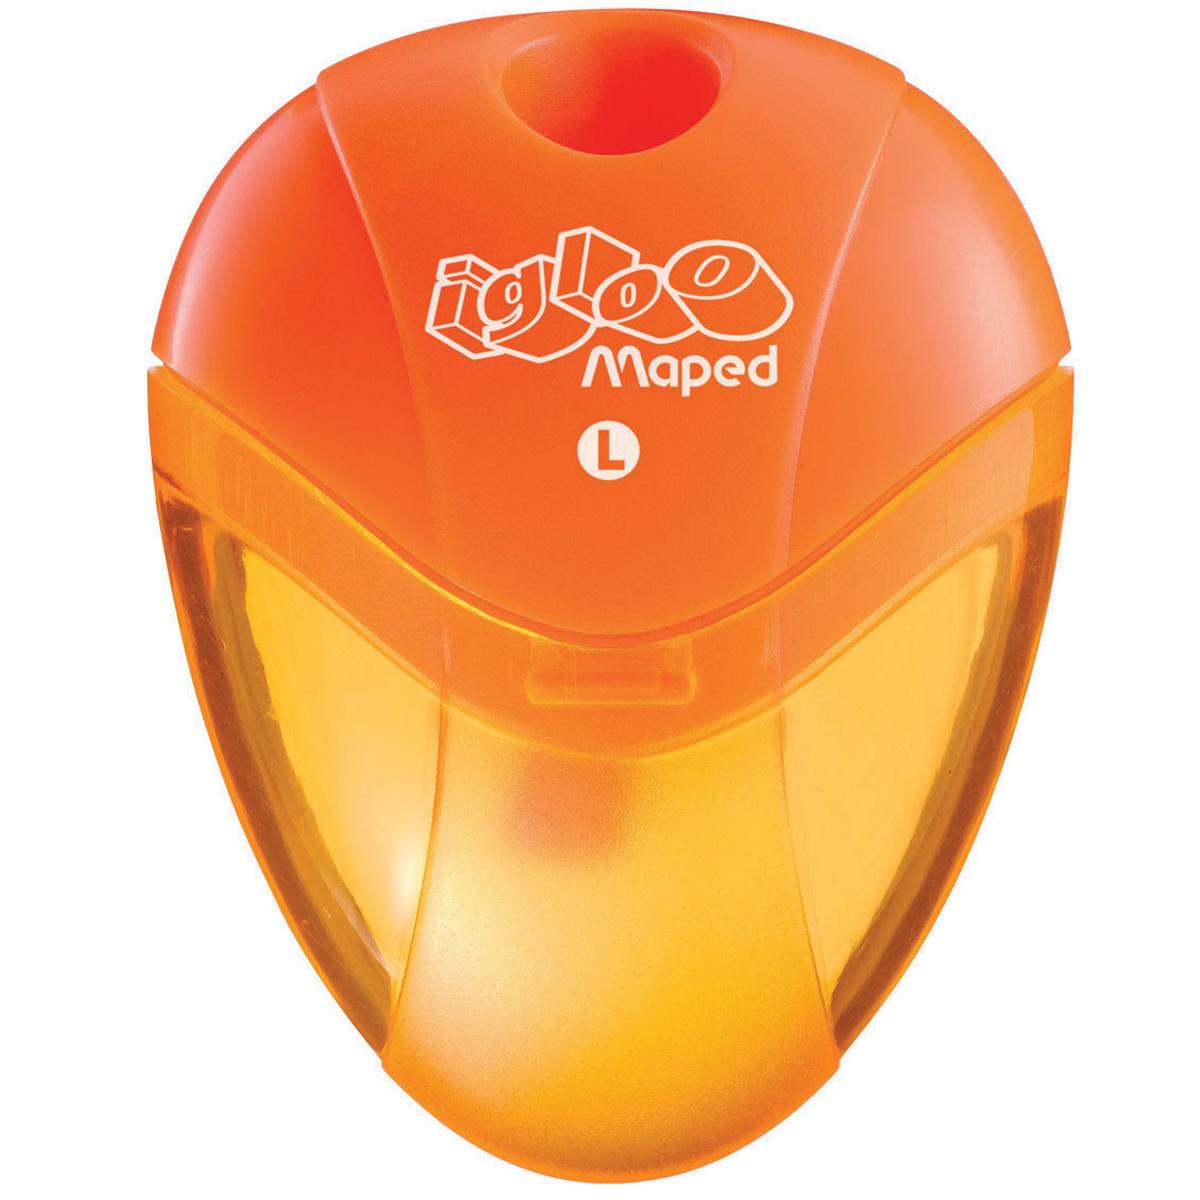 Maped Точилка Gloo с контейнером для левшей032210Точилка Maped Gloo выполнена из пластика. Точилка с контейнером предназначена для левшей.